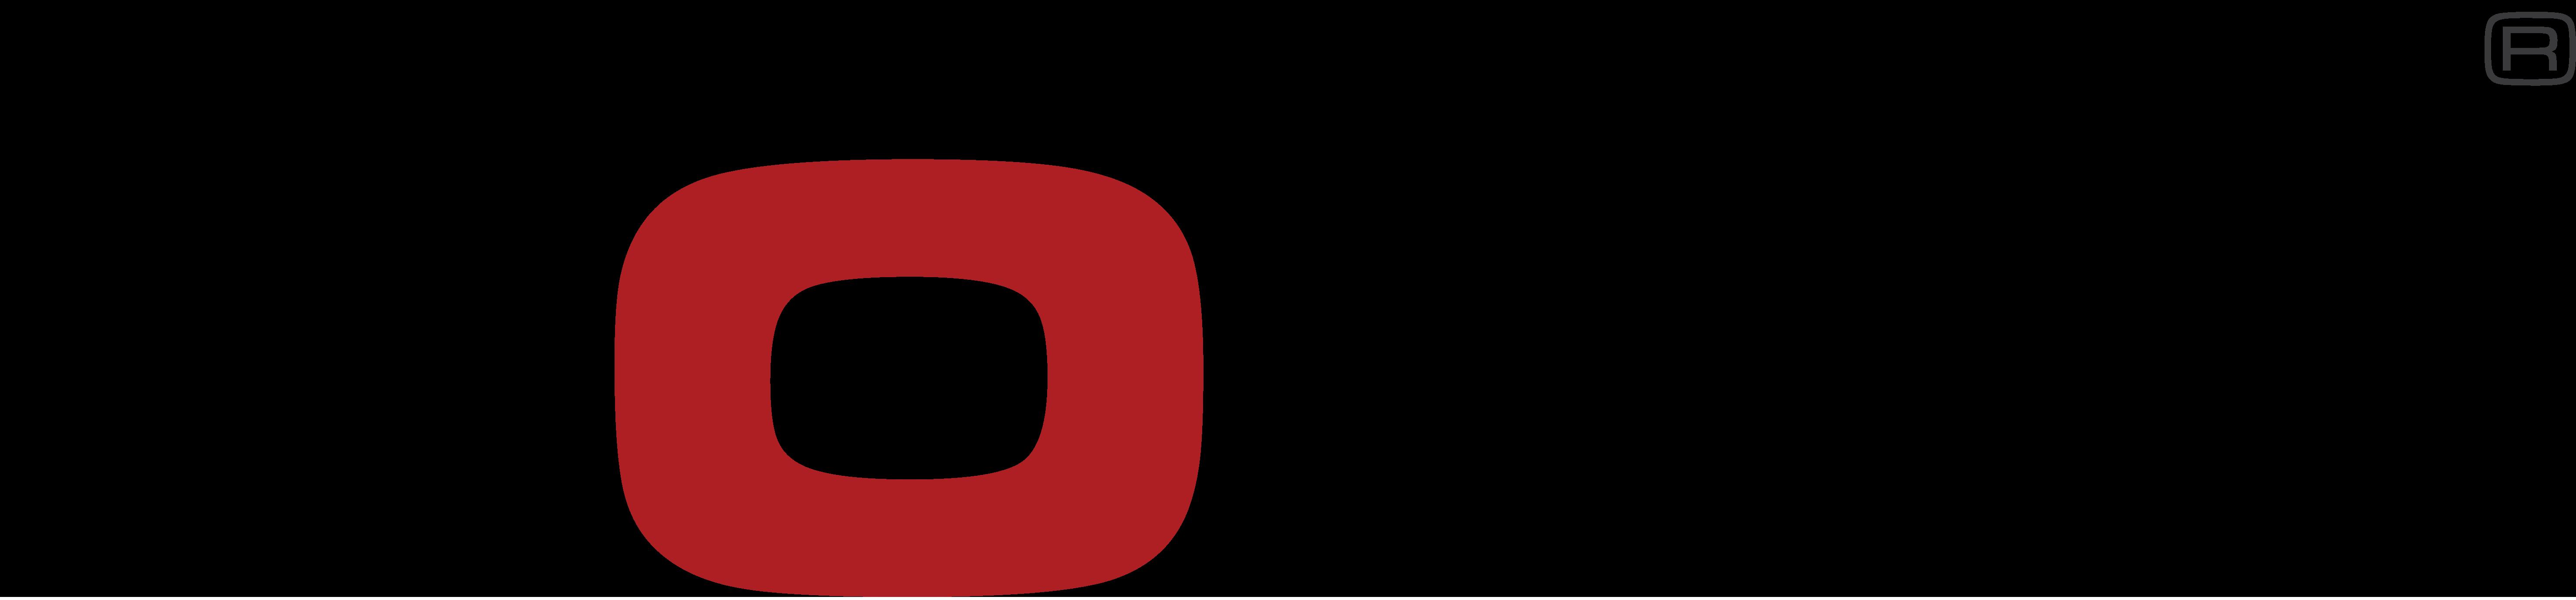 Code Corporation Company Logo